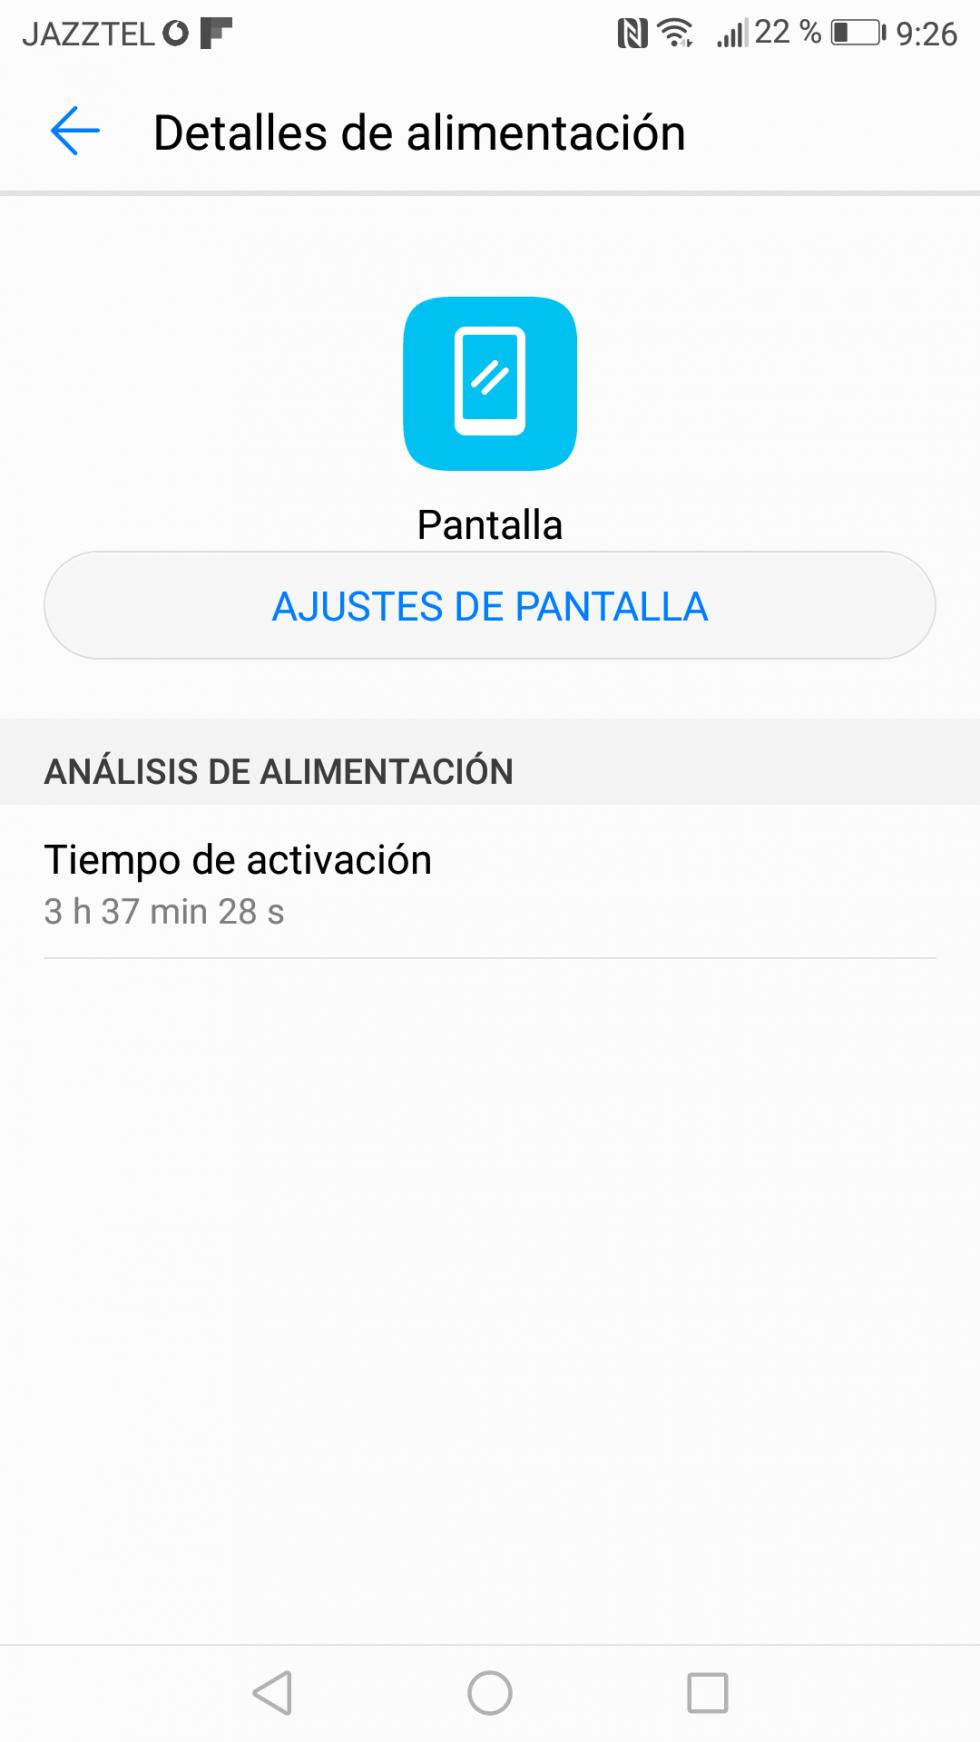 Batería del Huawei P10 Lite: consumo, autonomía y opciones de ahorro